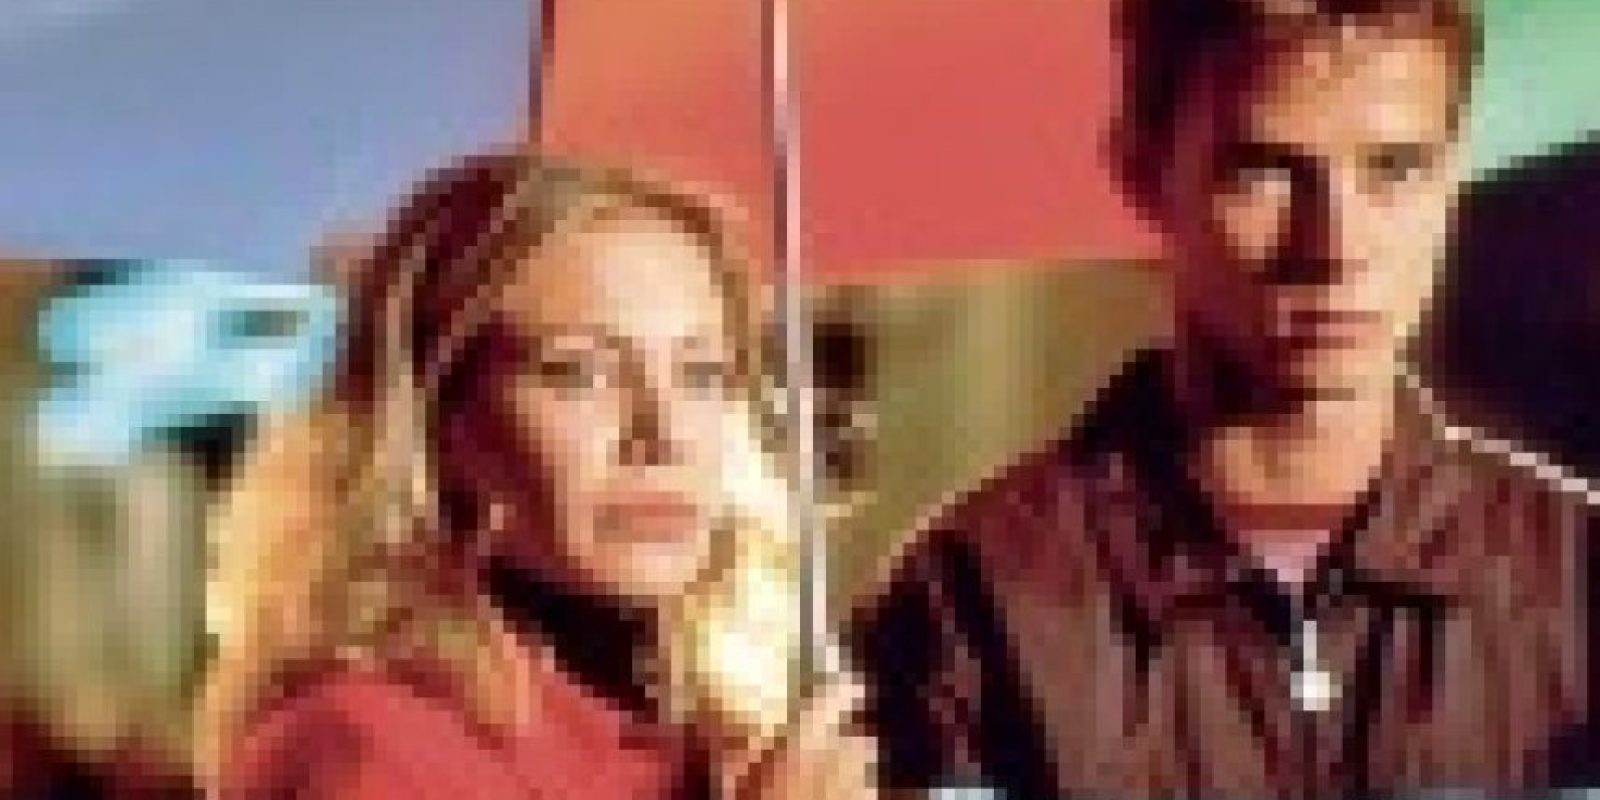 """5- """"Quédate a mi lado"""". Isabel intenta que los hijos de su novio se encuentren cómodos junto a ella, pero los niños se resisten a aceptar a otra mujer que no sea su madre. Todo se complicará para la protagonista cuando, además, aparezca la exmujer de su pareja. Foto:Fuente externa"""